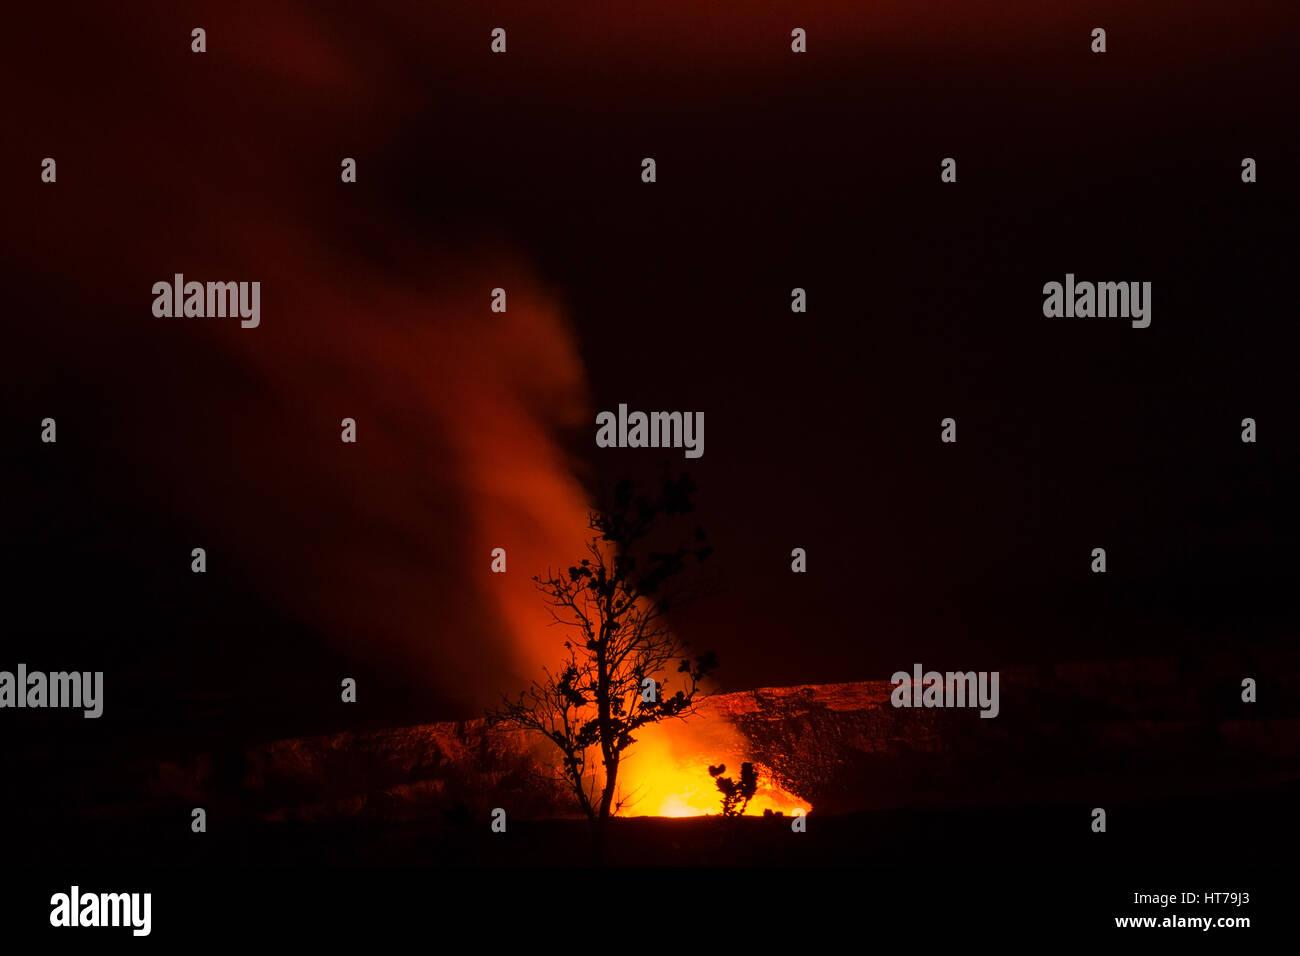 Halema'uma'u Crater, pit crater at night, Hawai'i Volcanoes National Park, HI,USA - Stock Image